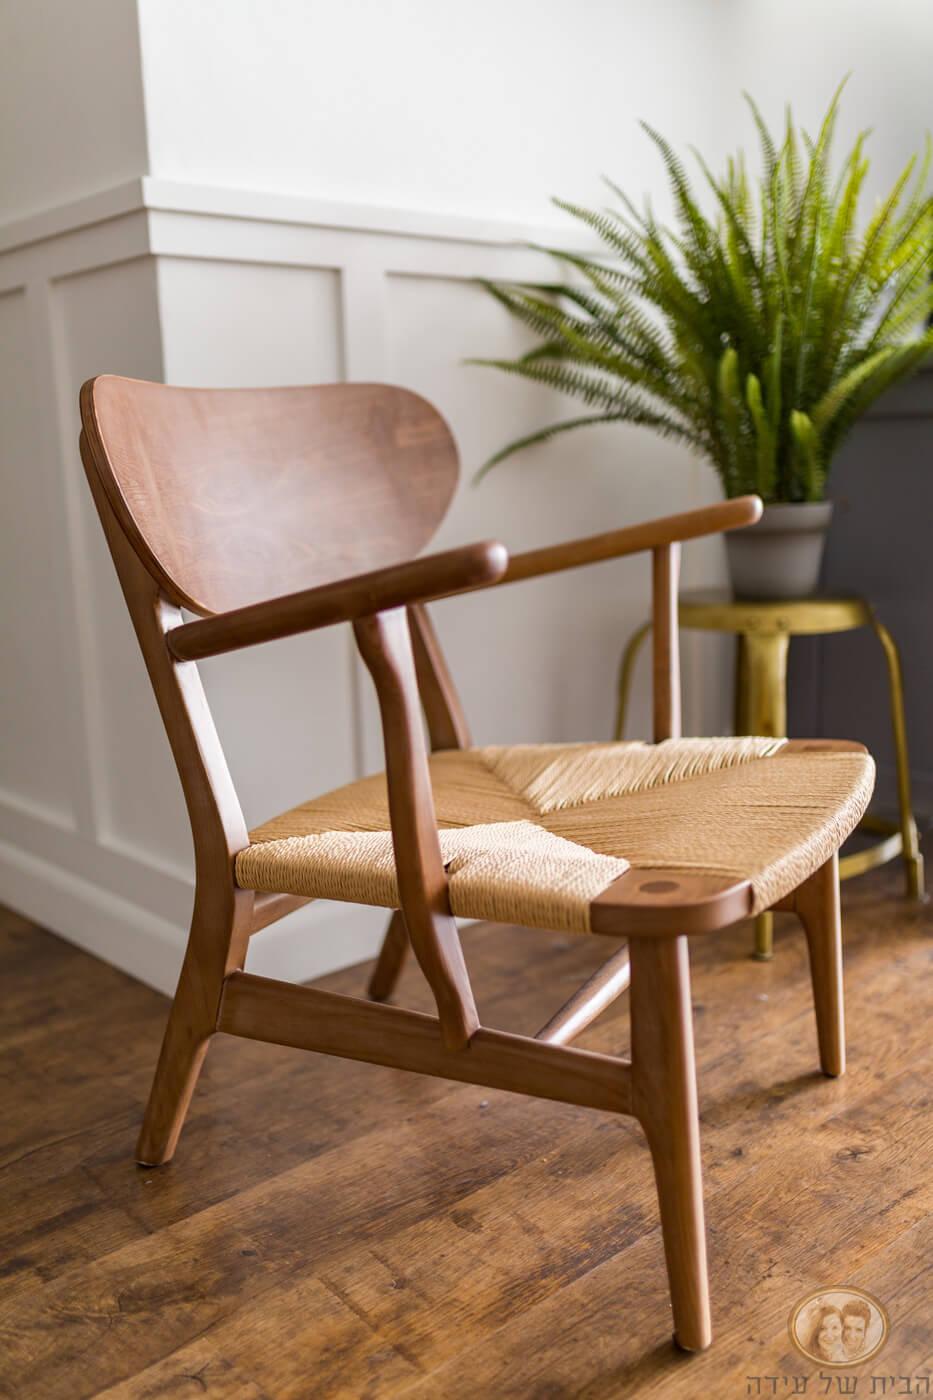 כסא של האנס וגנר